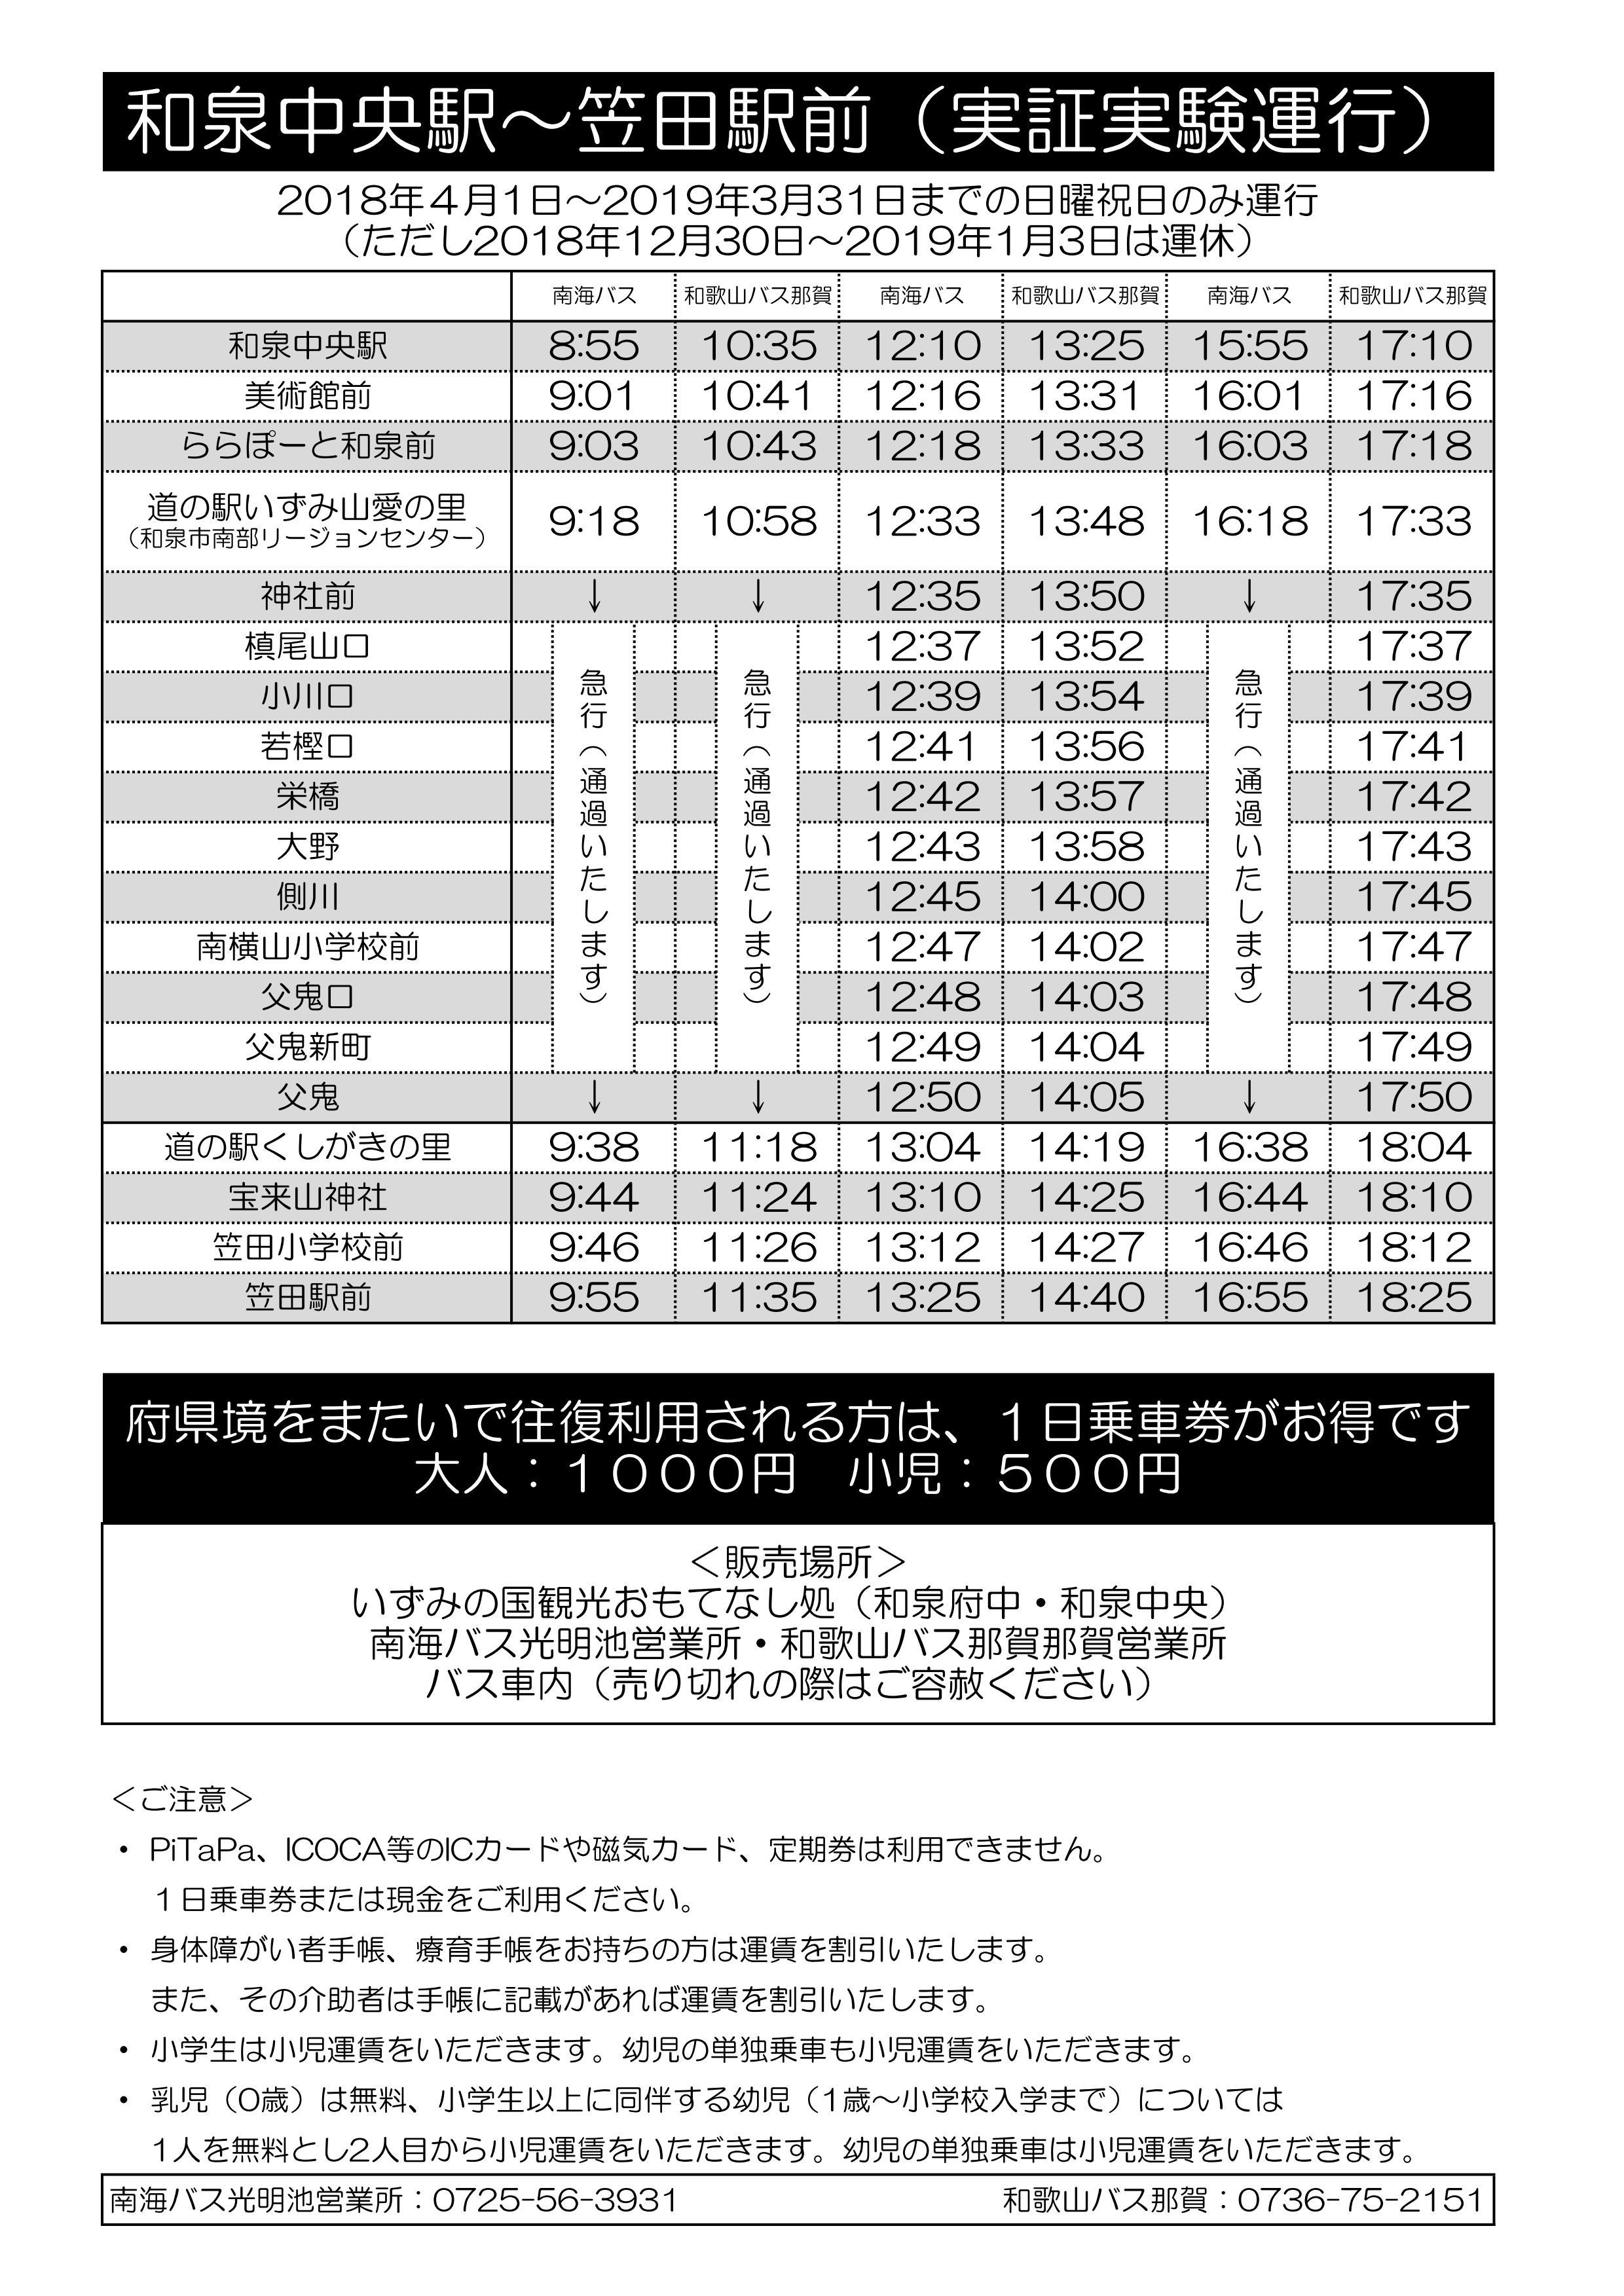 <参考>平成30年度時刻表_01